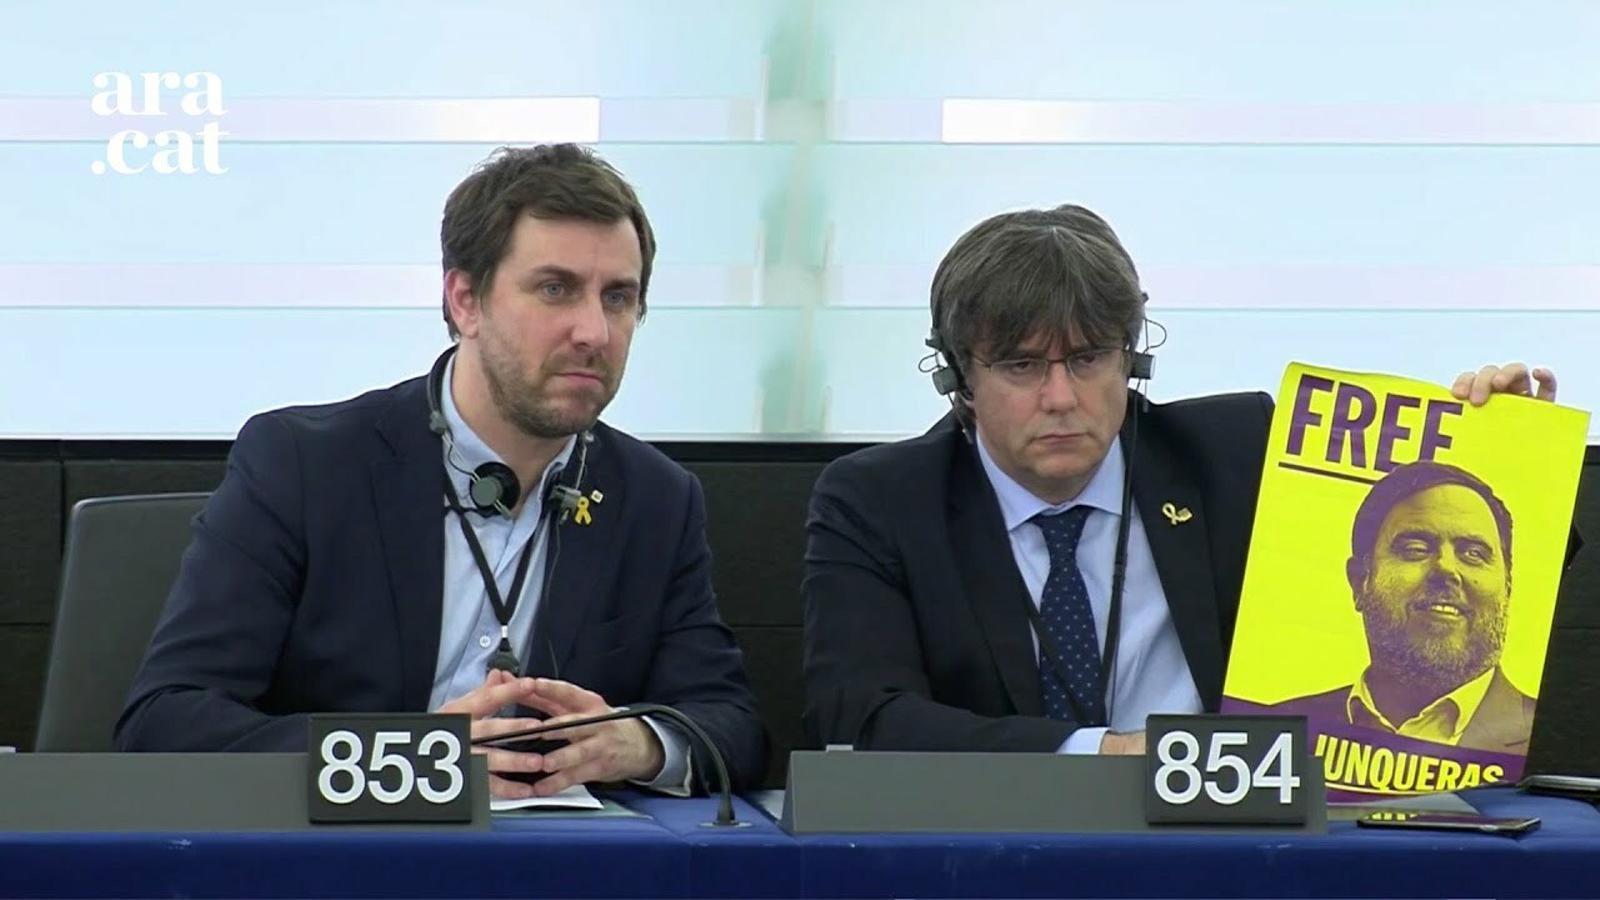 El president del Parlament, David Sassoli, presenta a Puigdemont i Comín com a eurodiputats al Parlament Europeu